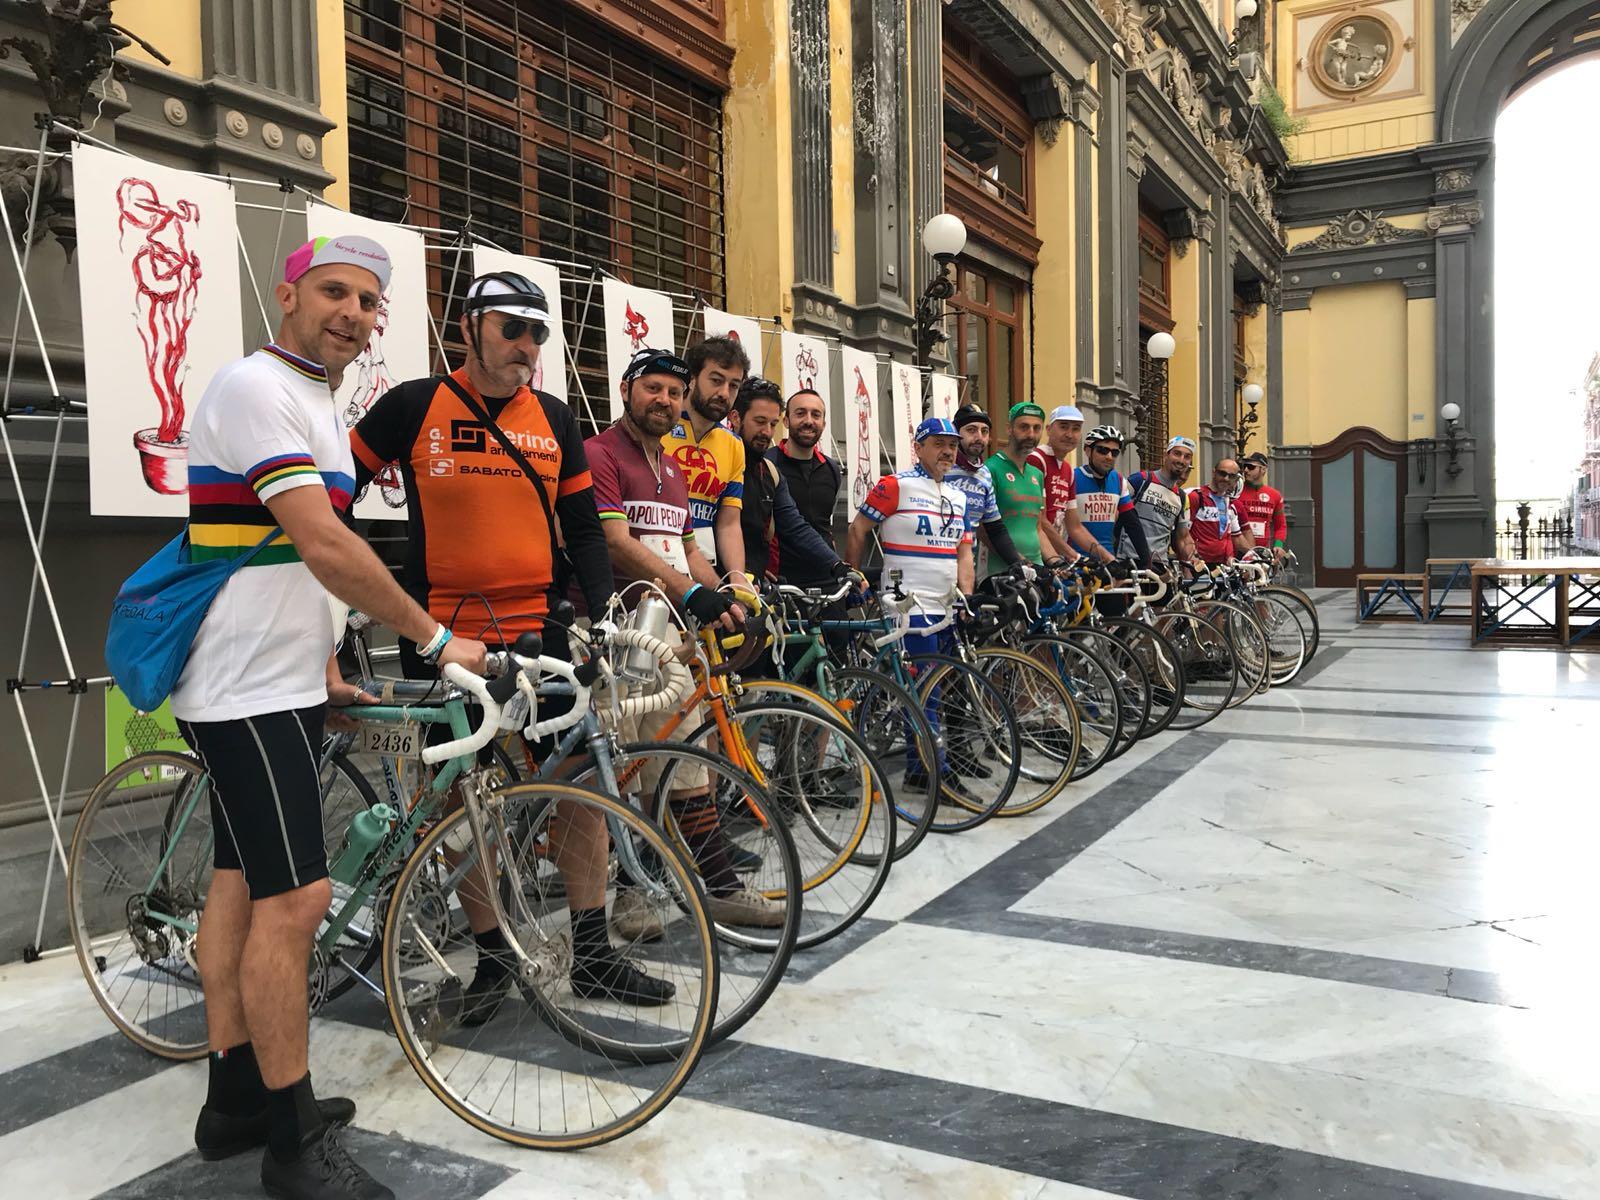 Napoli Bike Festival: pedalate, eventi e mostre dedicate alla mobilità sostenibile (VIDEO)